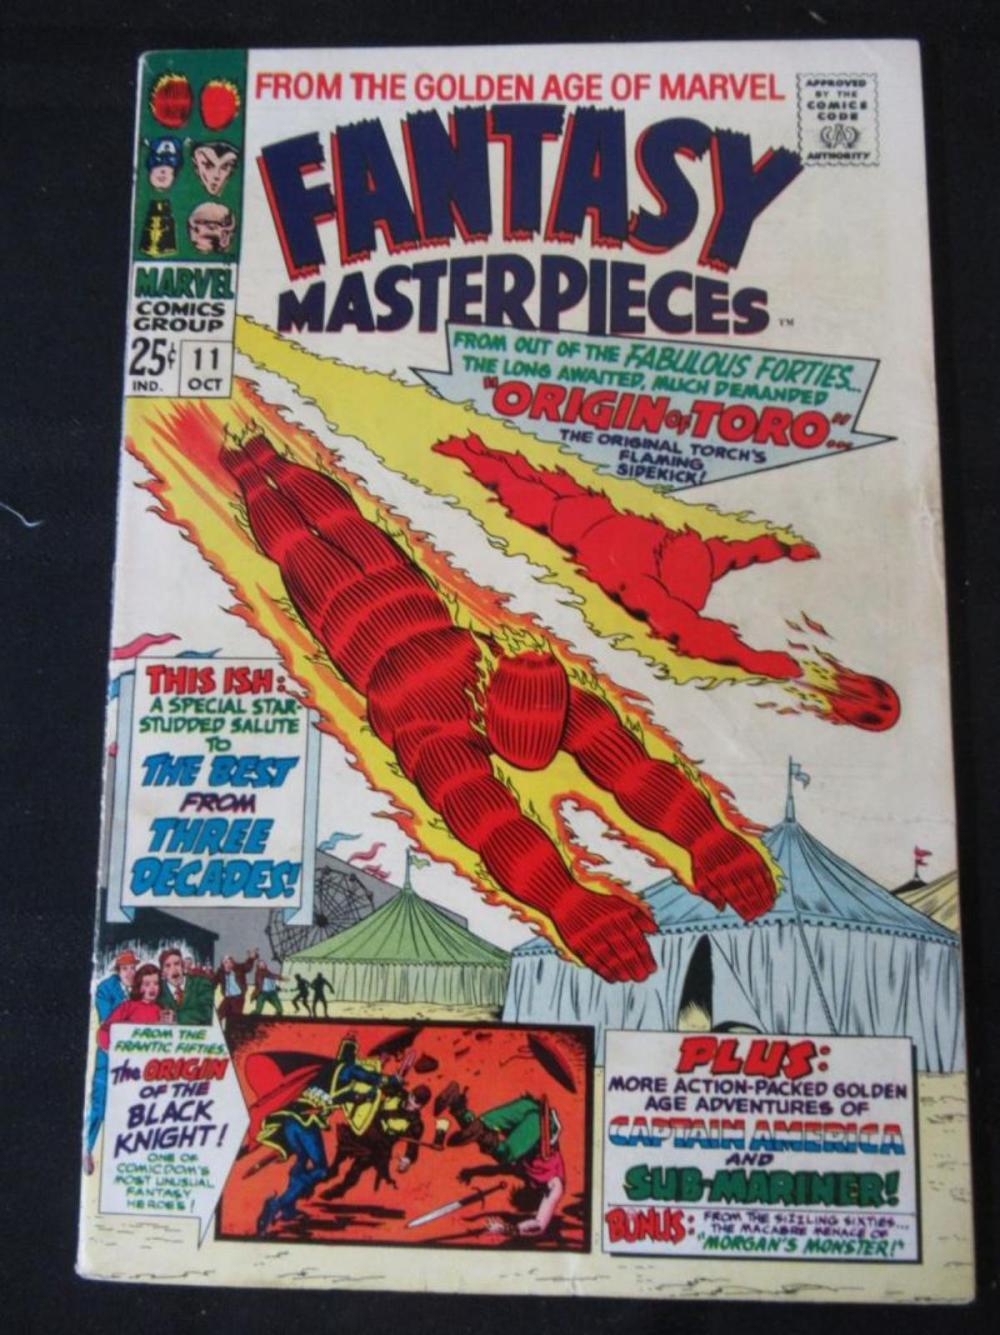 Fantasy Masterpieces 25c #11 Origin of Toro